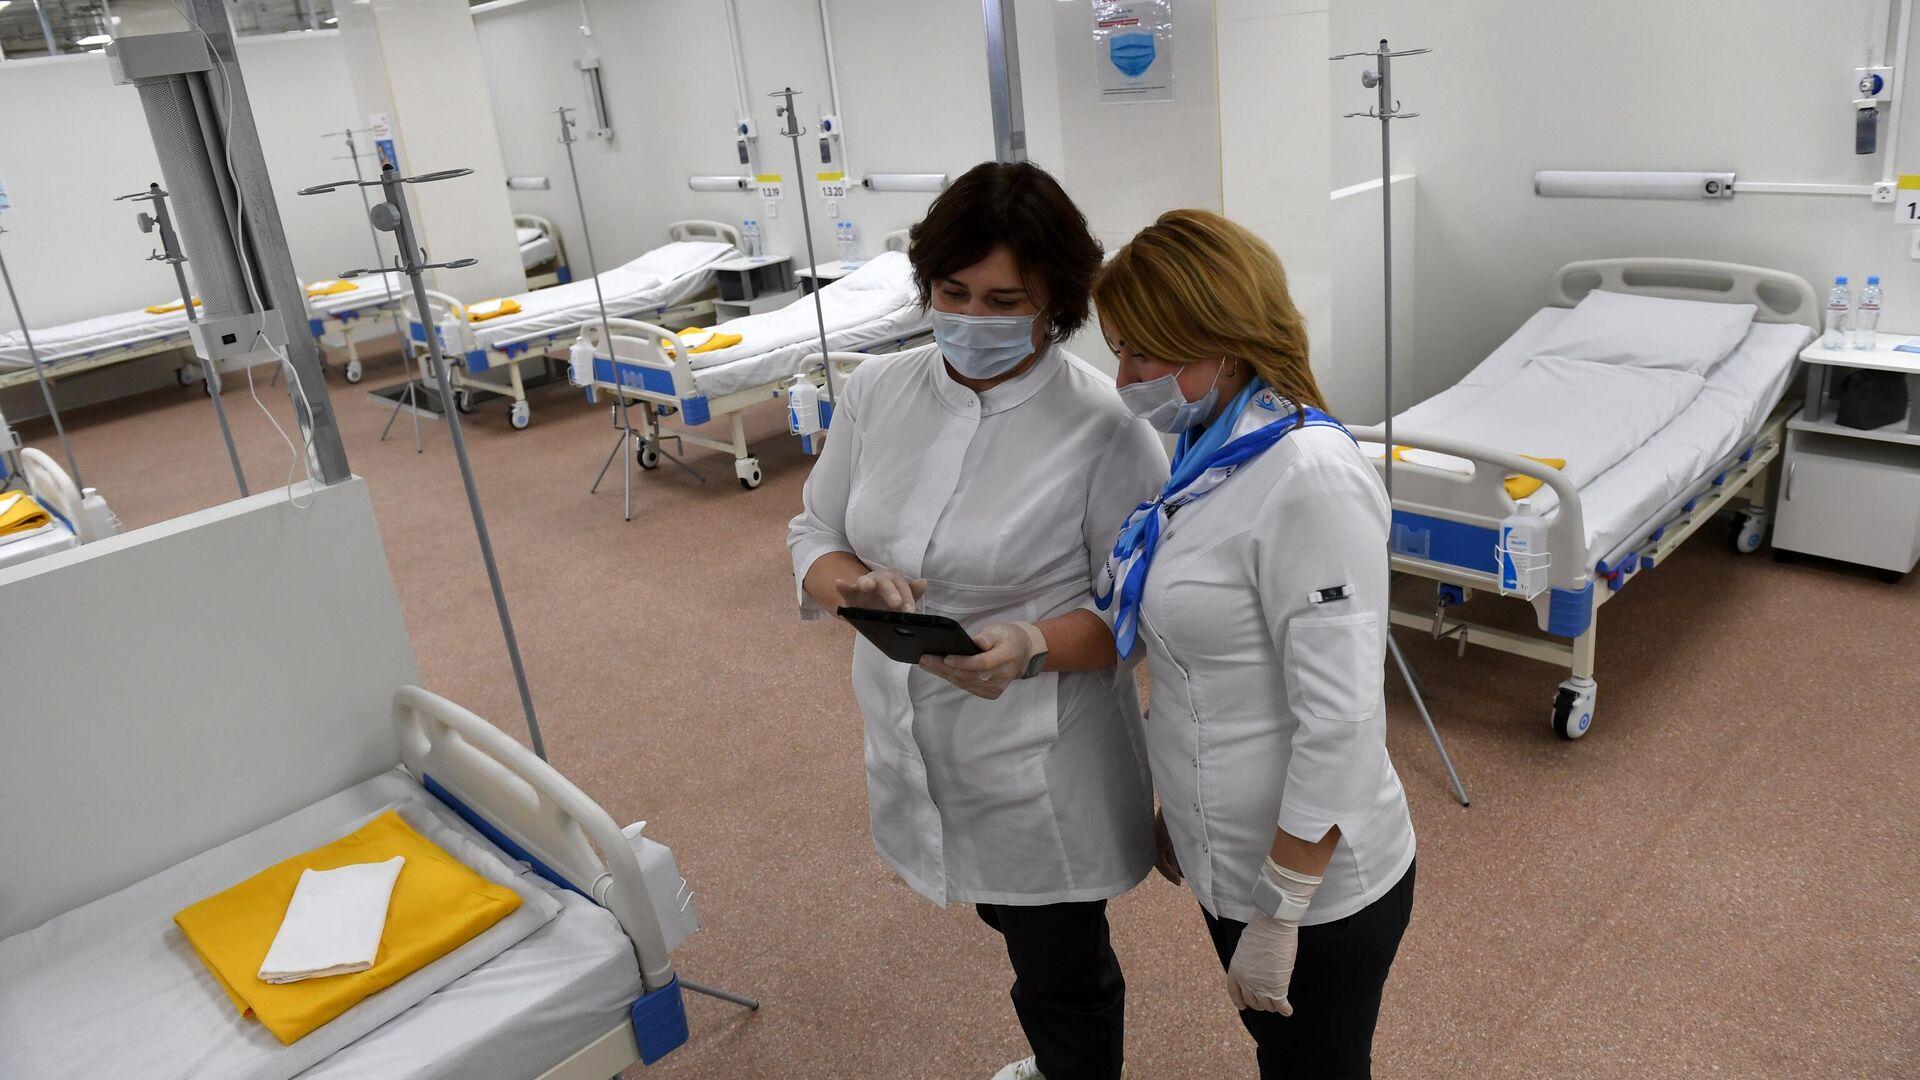 Медицинские работники во временном госпитале для пациентов с COVID-19, который открывается в автомобильном торговом центр Москва - РИА Новости, 1920, 19.10.2020